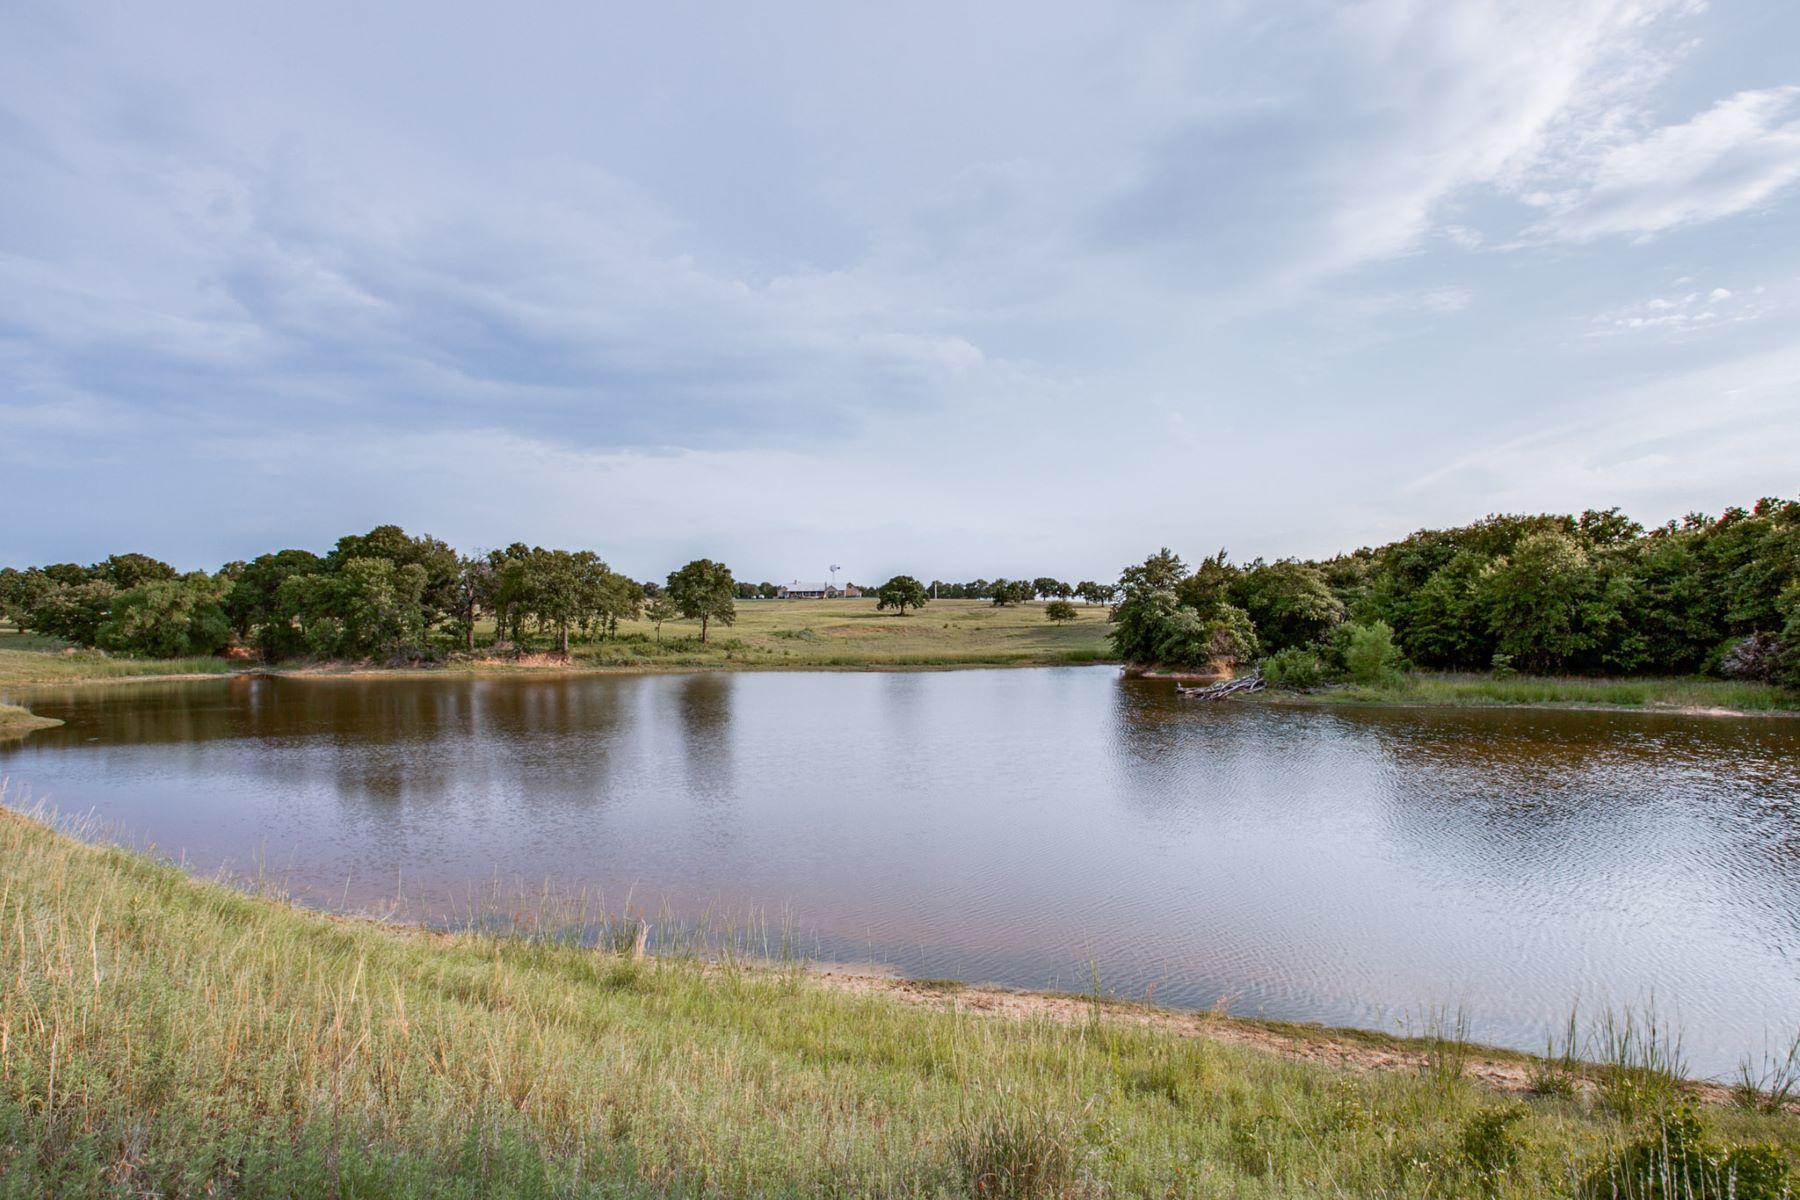 农场 / 牧场 / 种植园 为 销售 在 Walking C Ranch 1067 Huddleston Road Sunset, 得克萨斯州 76270 美国